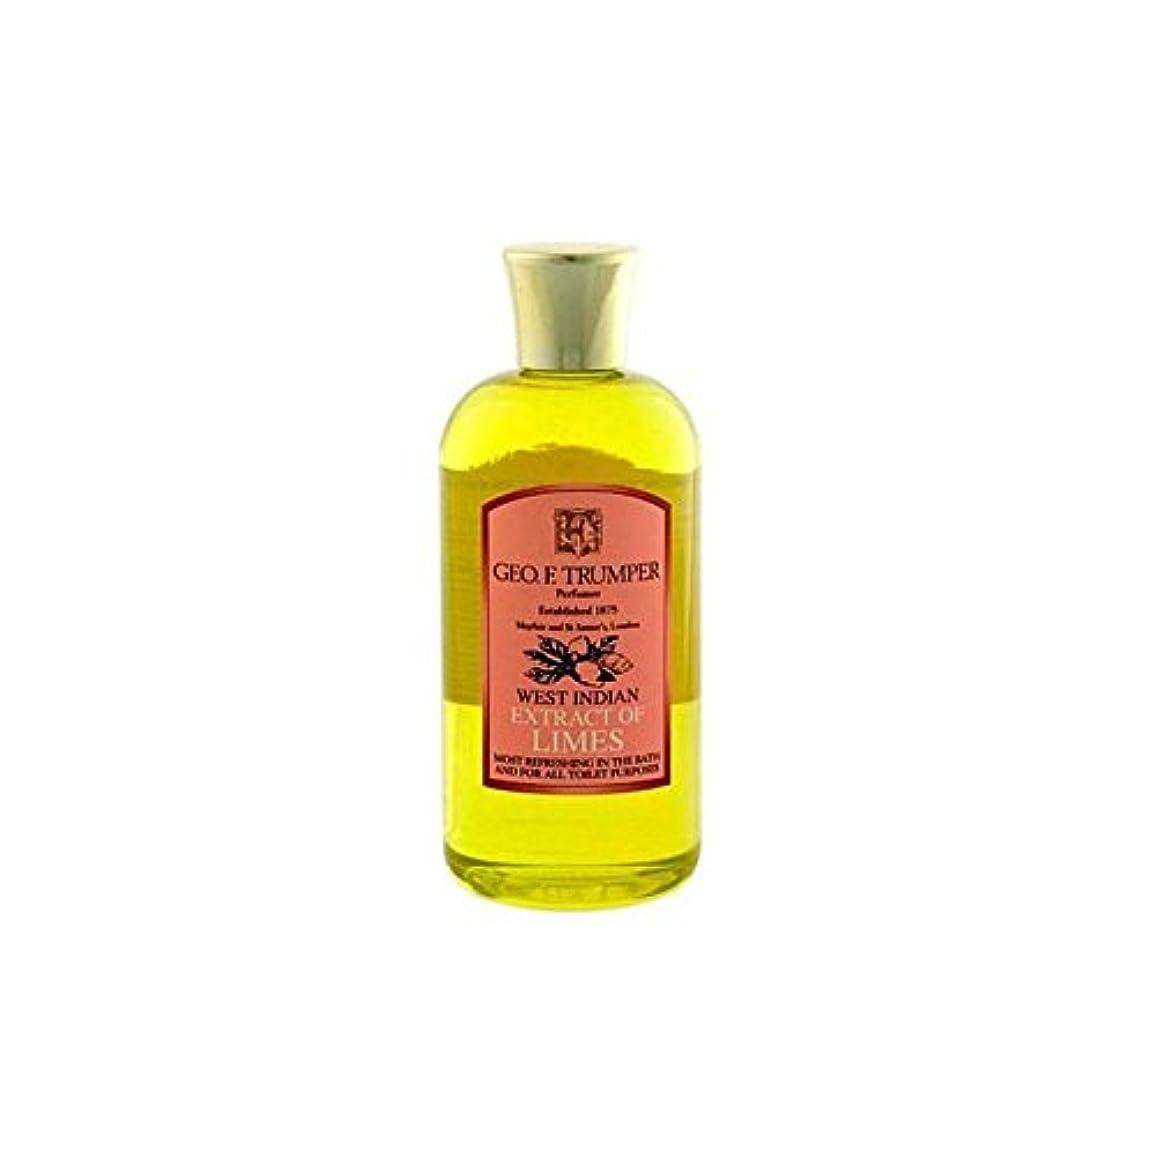 唯物論真夜中発症ライムのバスタブとシャワージェル200の抽出物を x4 - Trumpers Extracts of Limes Bath and Shower Gel 200ml (Pack of 4) [並行輸入品]